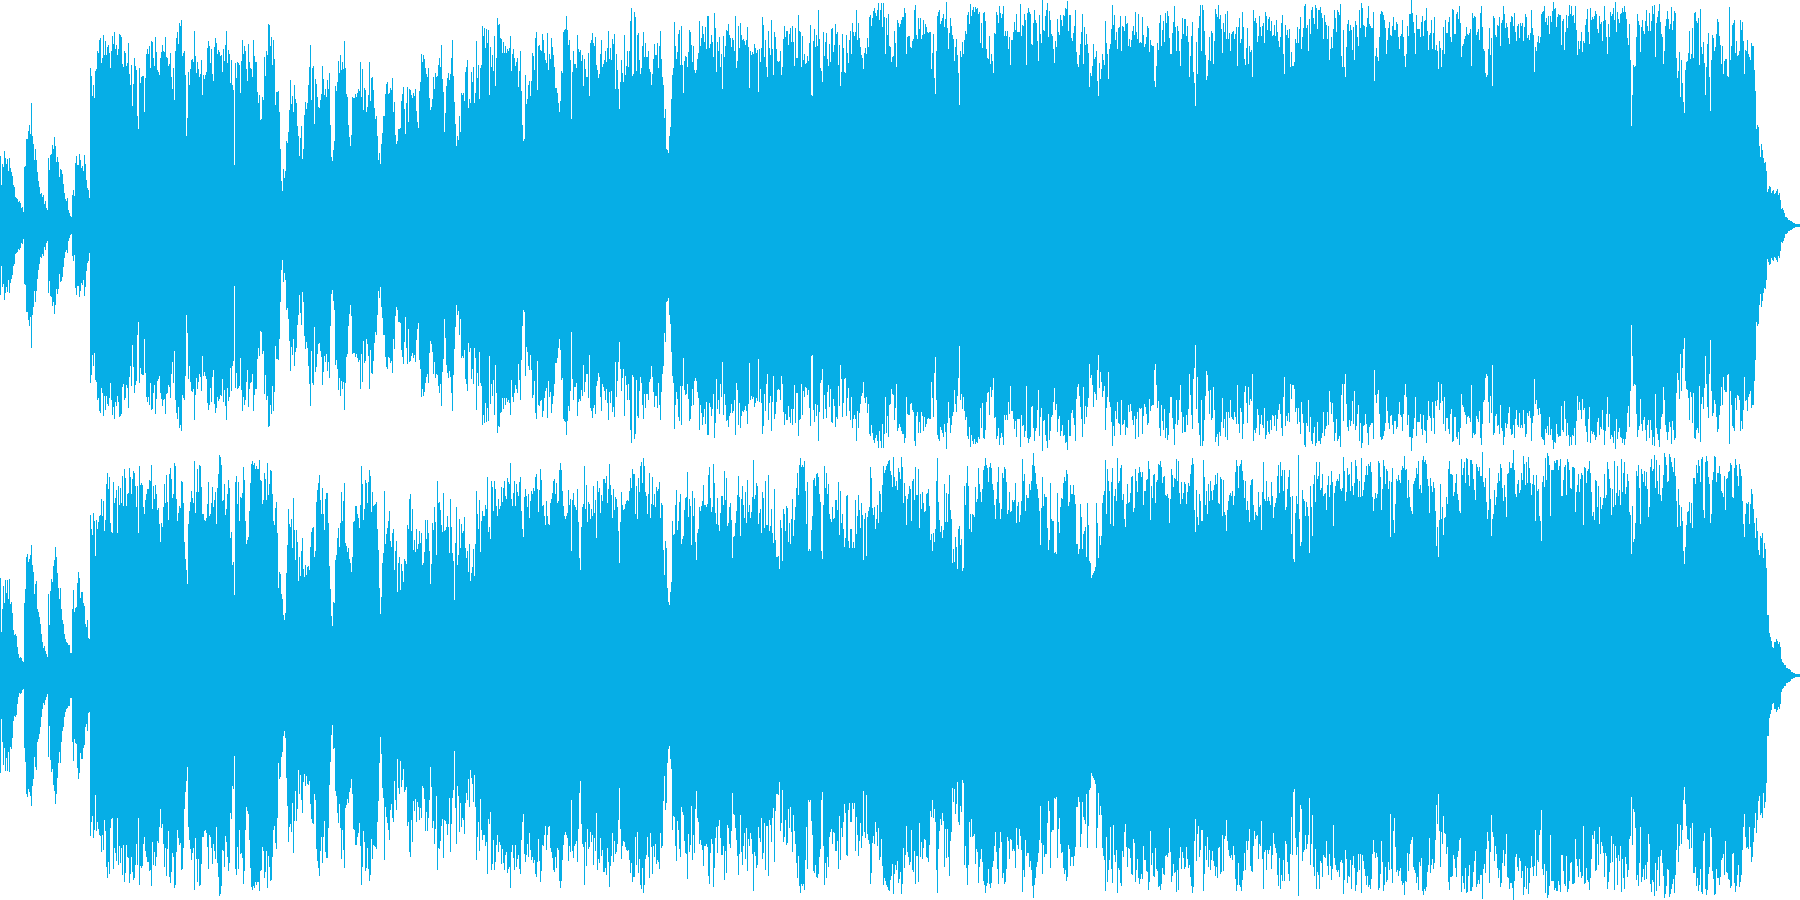 少年の声が旋律を奏でるクラシック音楽の再生済みの波形